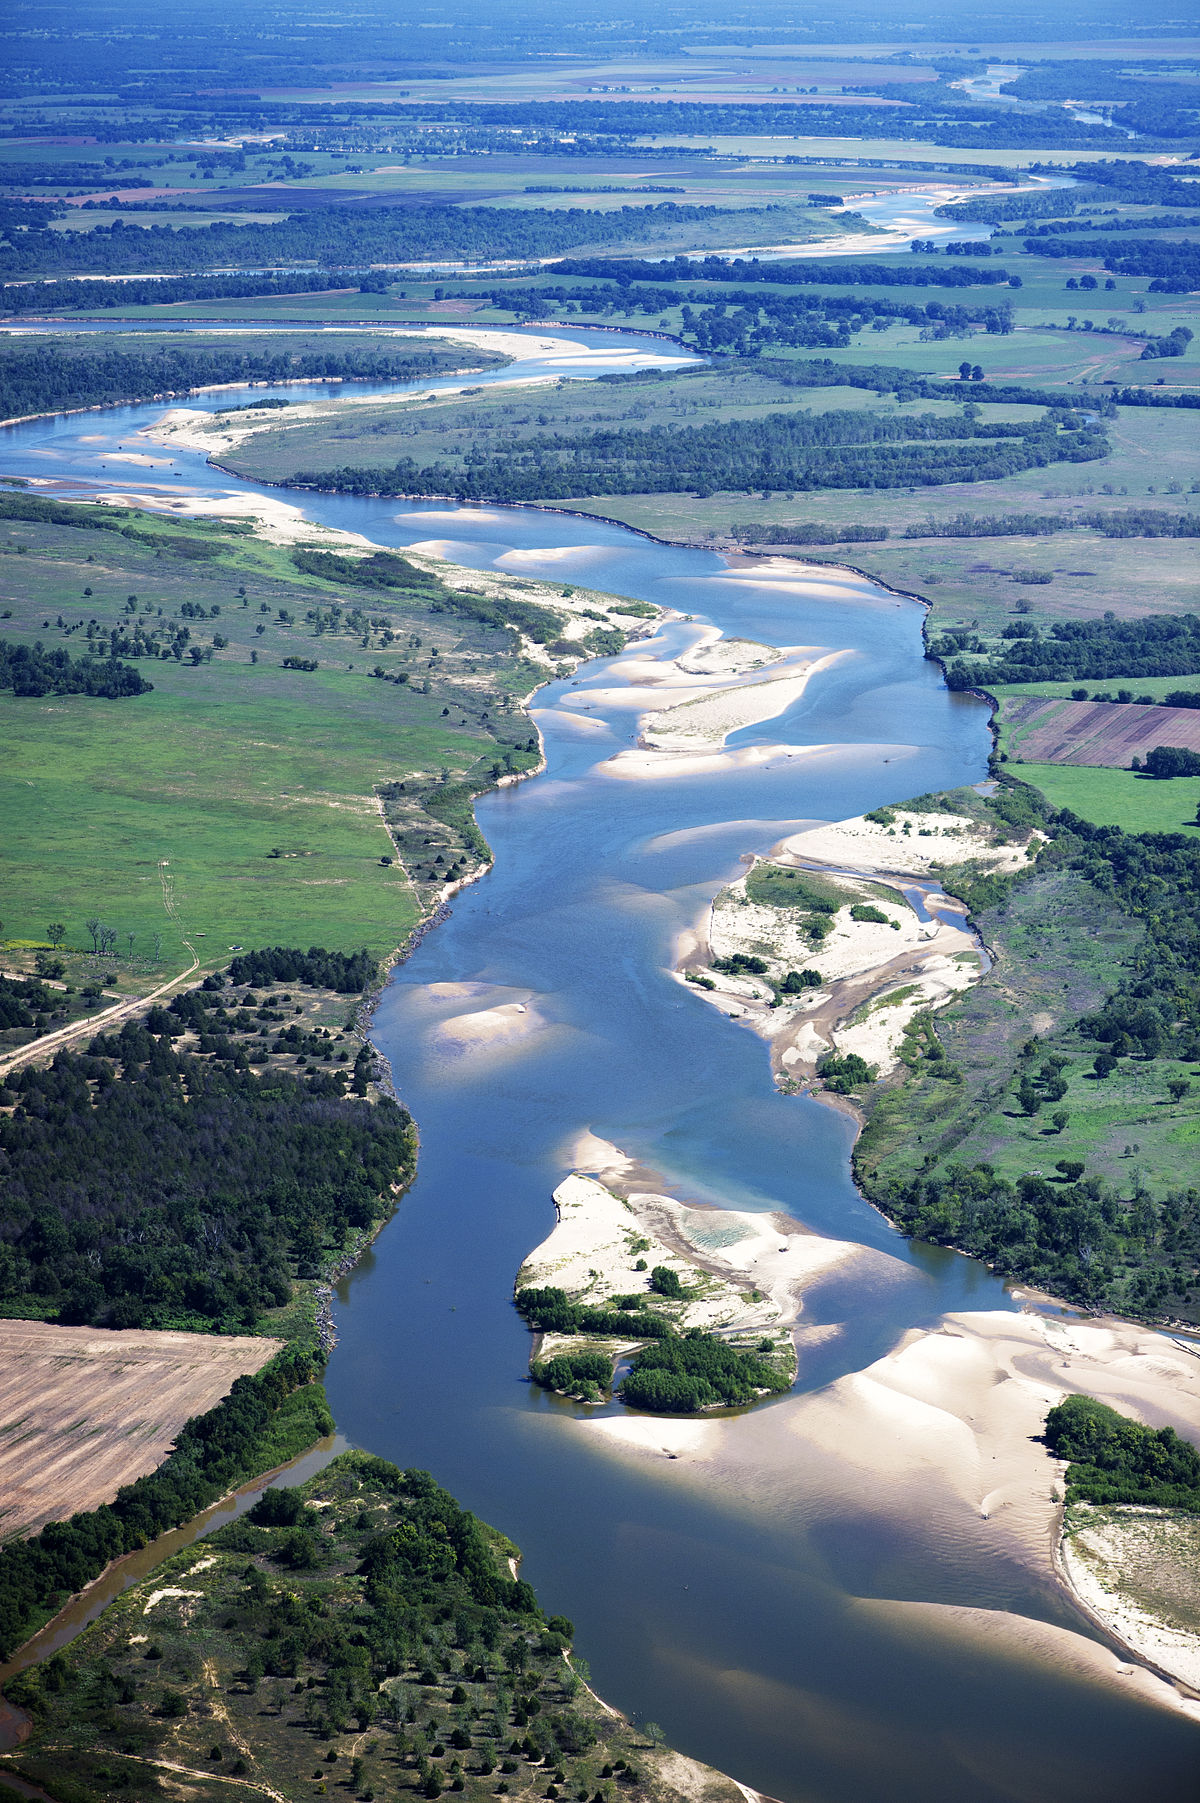 Что такое речная система? главная река и притоки : labuda.blog что такое речная система? главная река и притоки — «лабуда» информационно-развлекательный интернет журнал